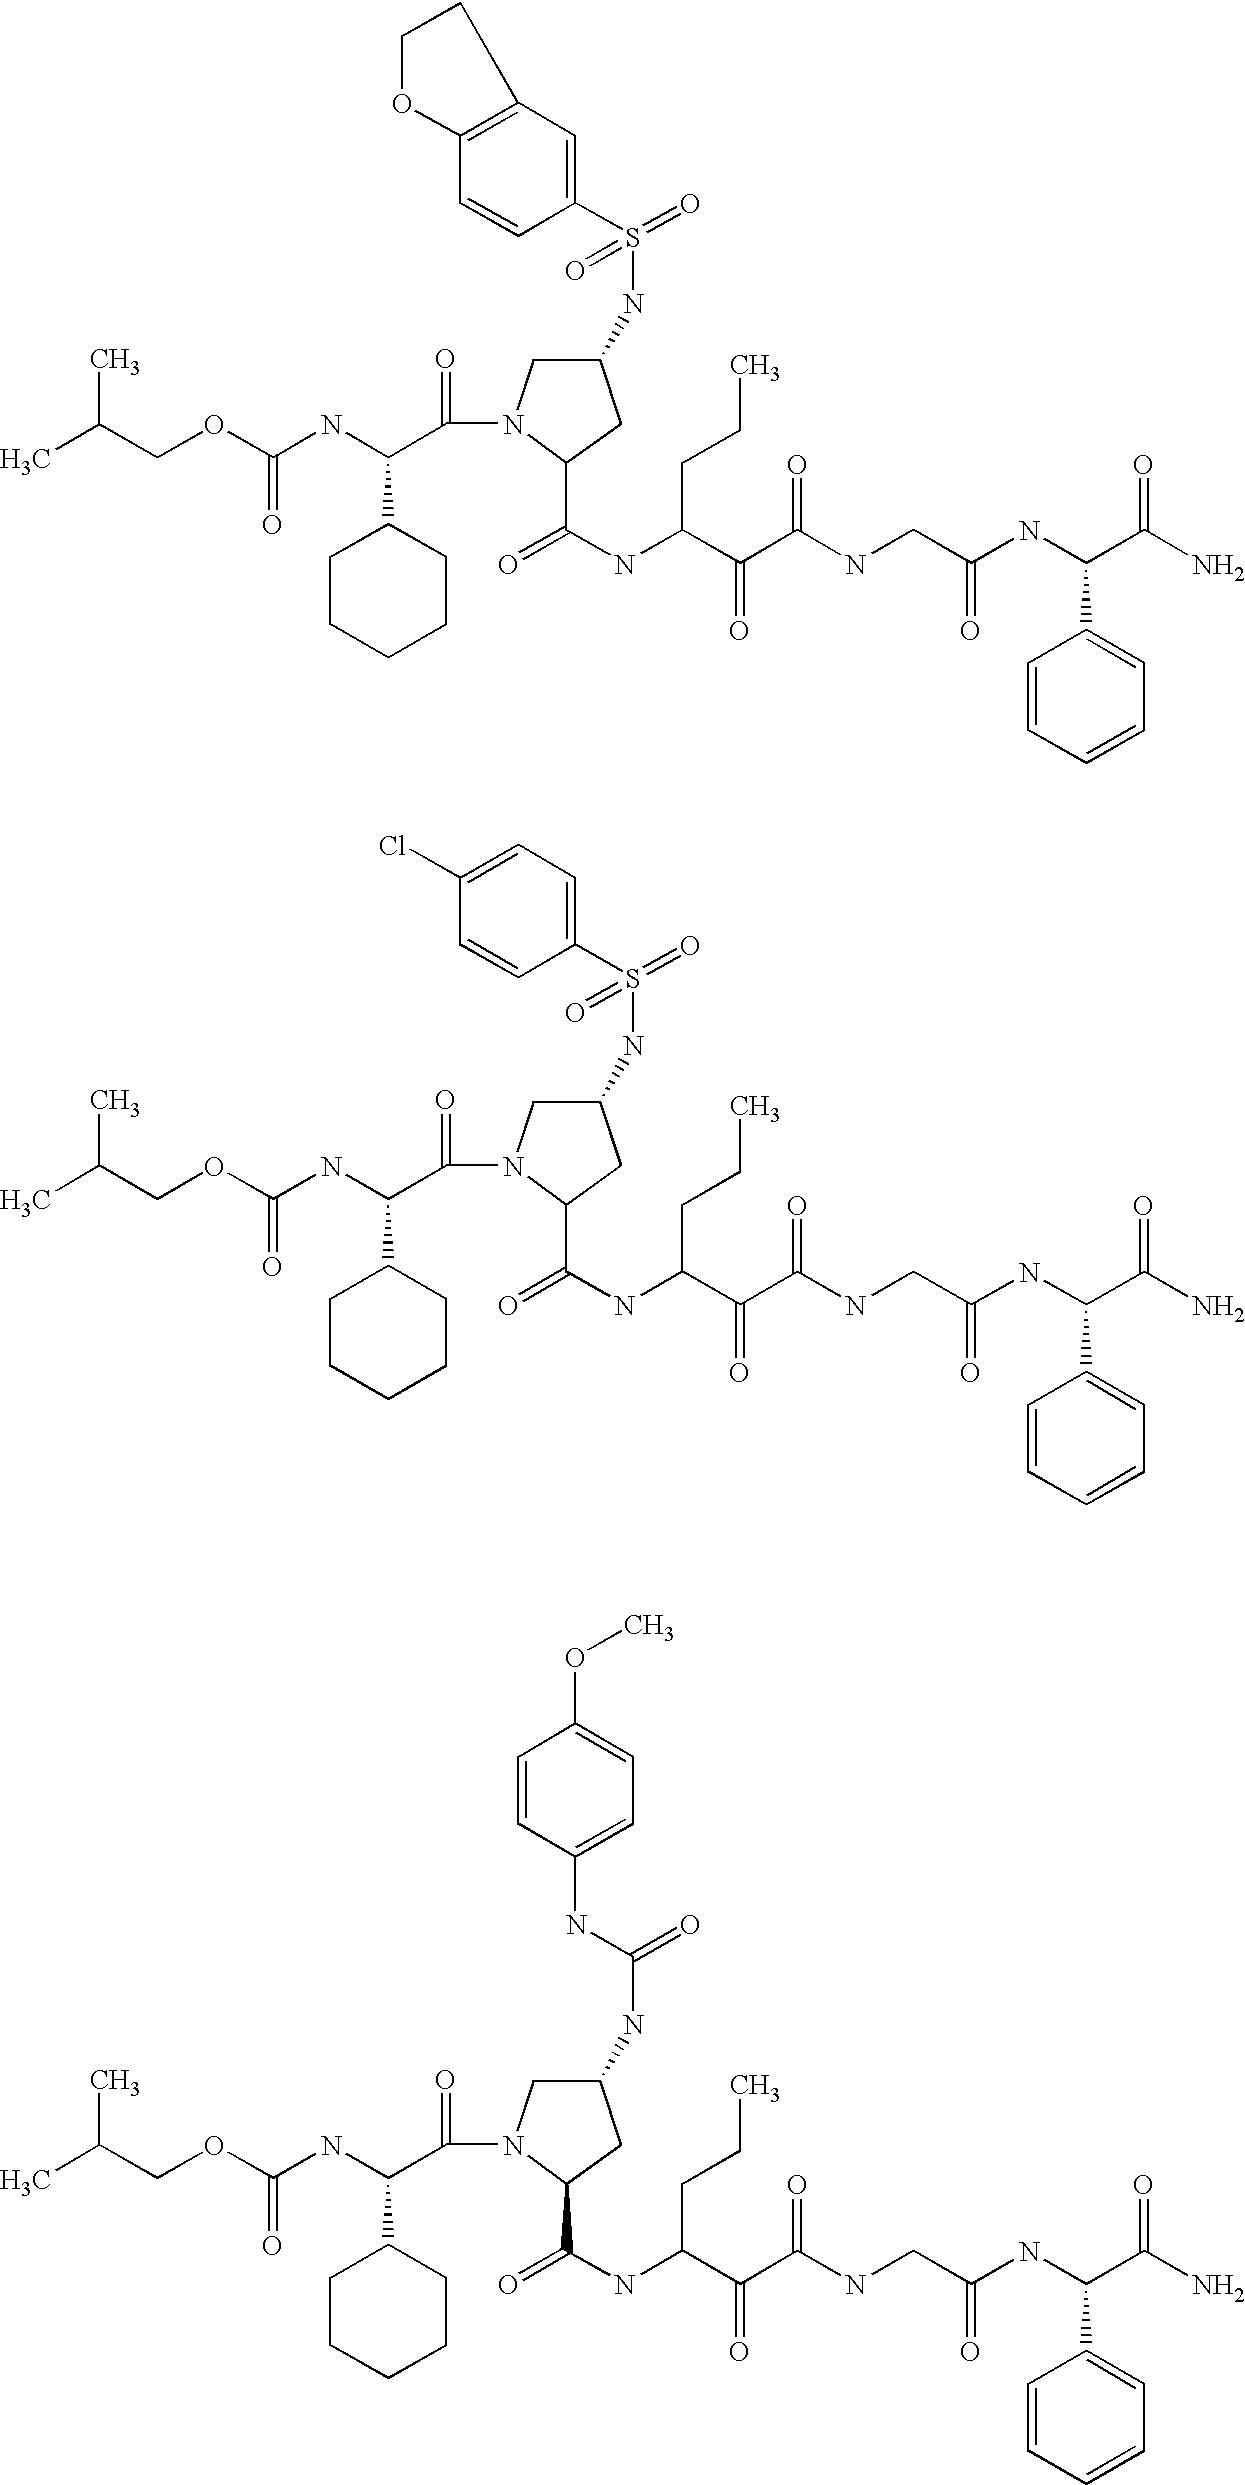 Figure US20060287248A1-20061221-C00130